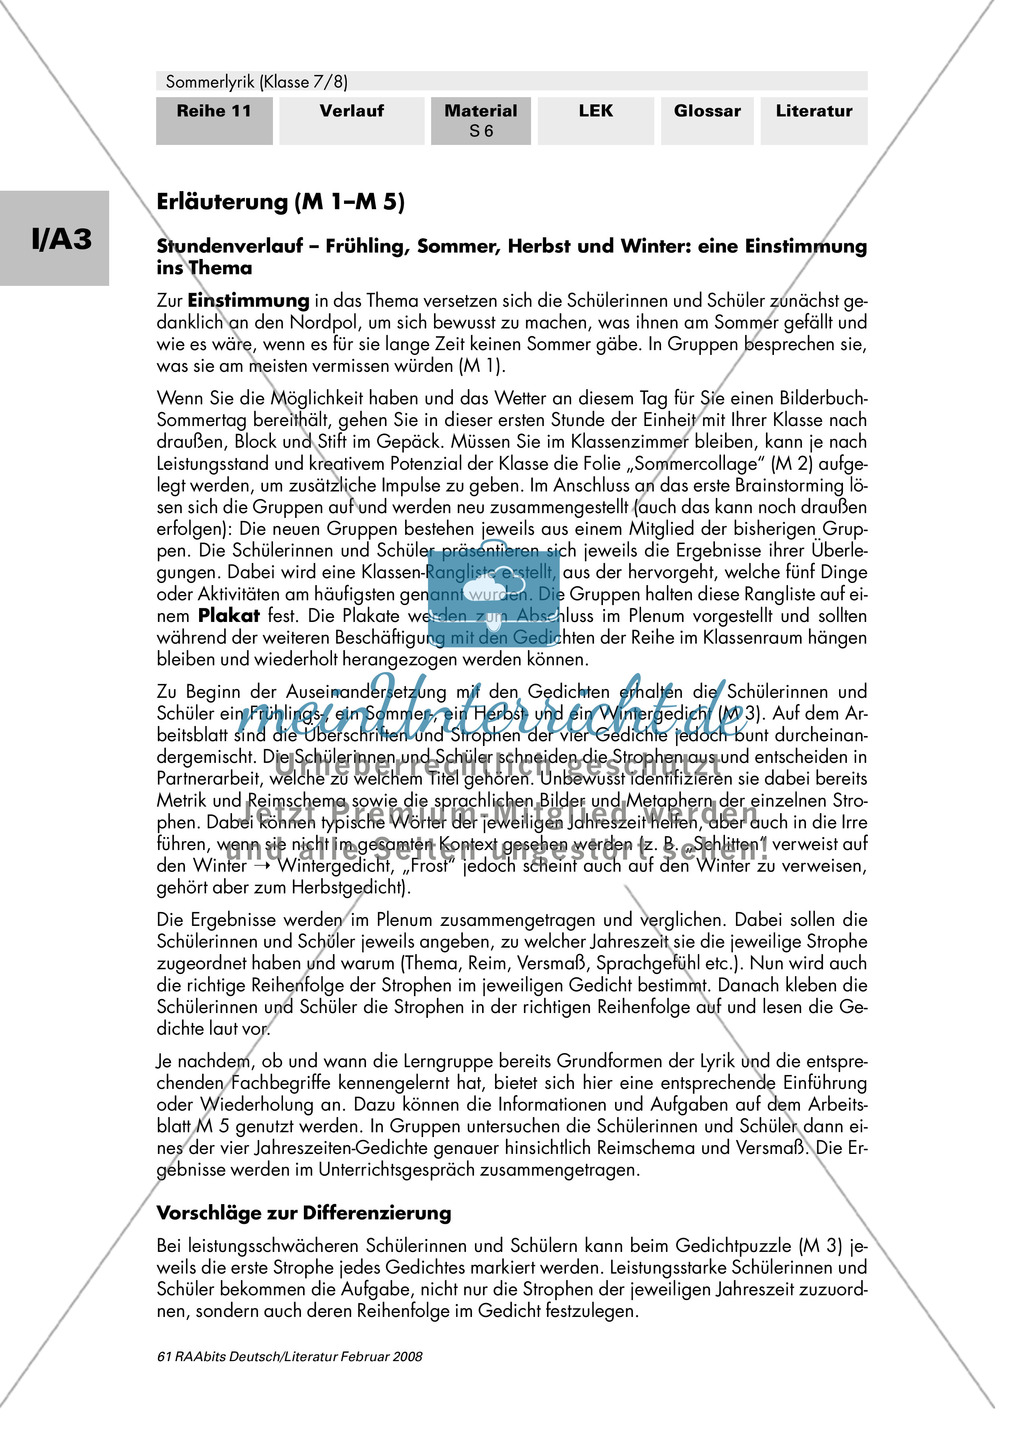 Sommerlyrik: Einführung in das Thema - Fachbegriffe zur Analyse von Gedichten Preview 5